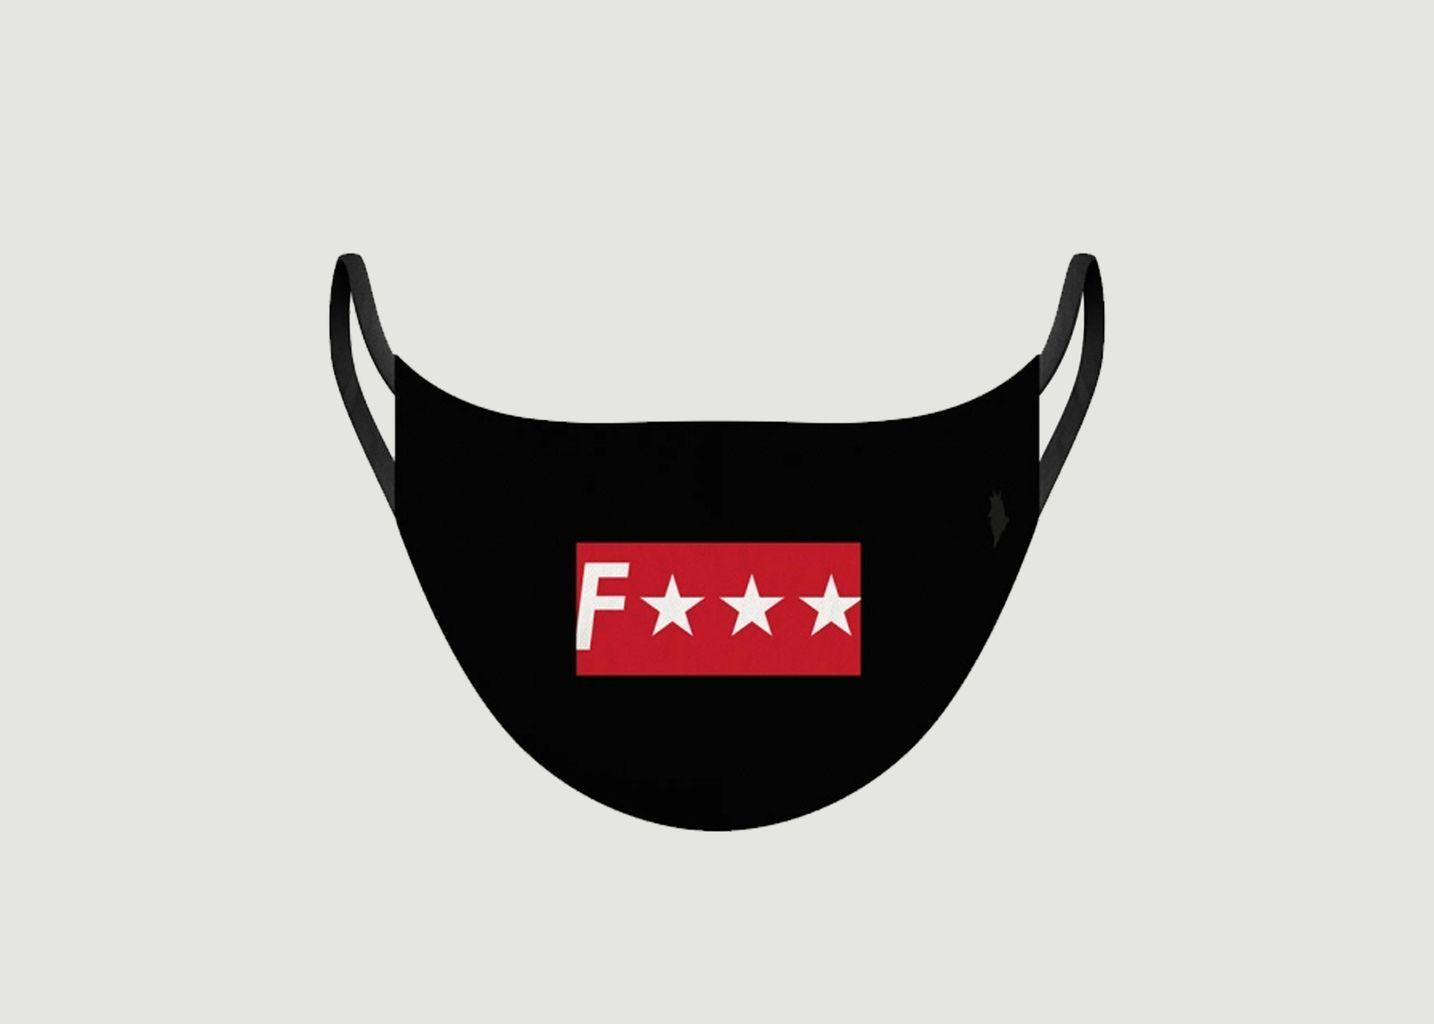 Masque en tissu F*** - Pôdevache